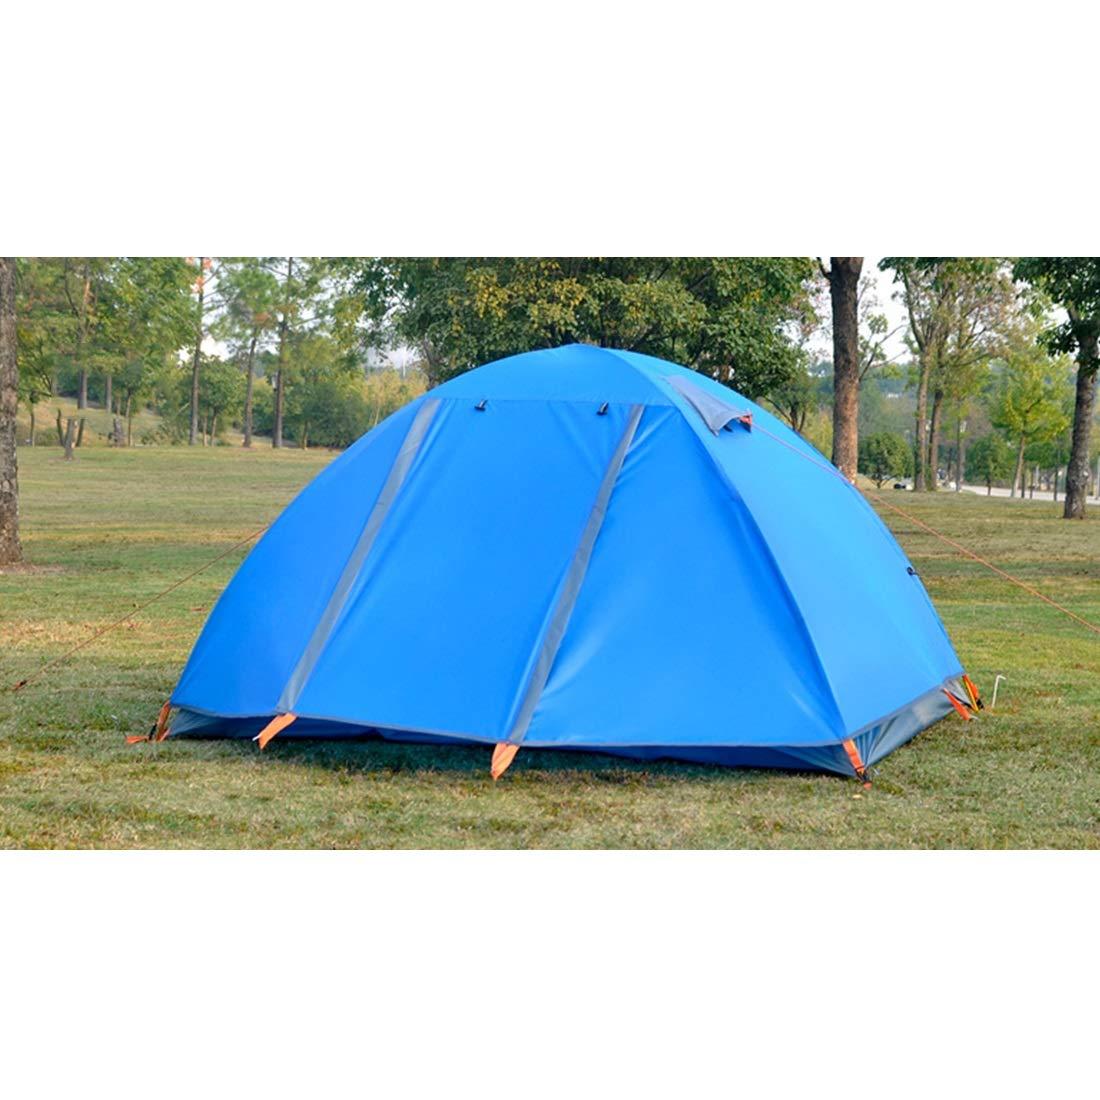 Igspfbjn 2-Personen-Zelt für wildes Abenteuer-Camping im Freien (Farbe : Blau)